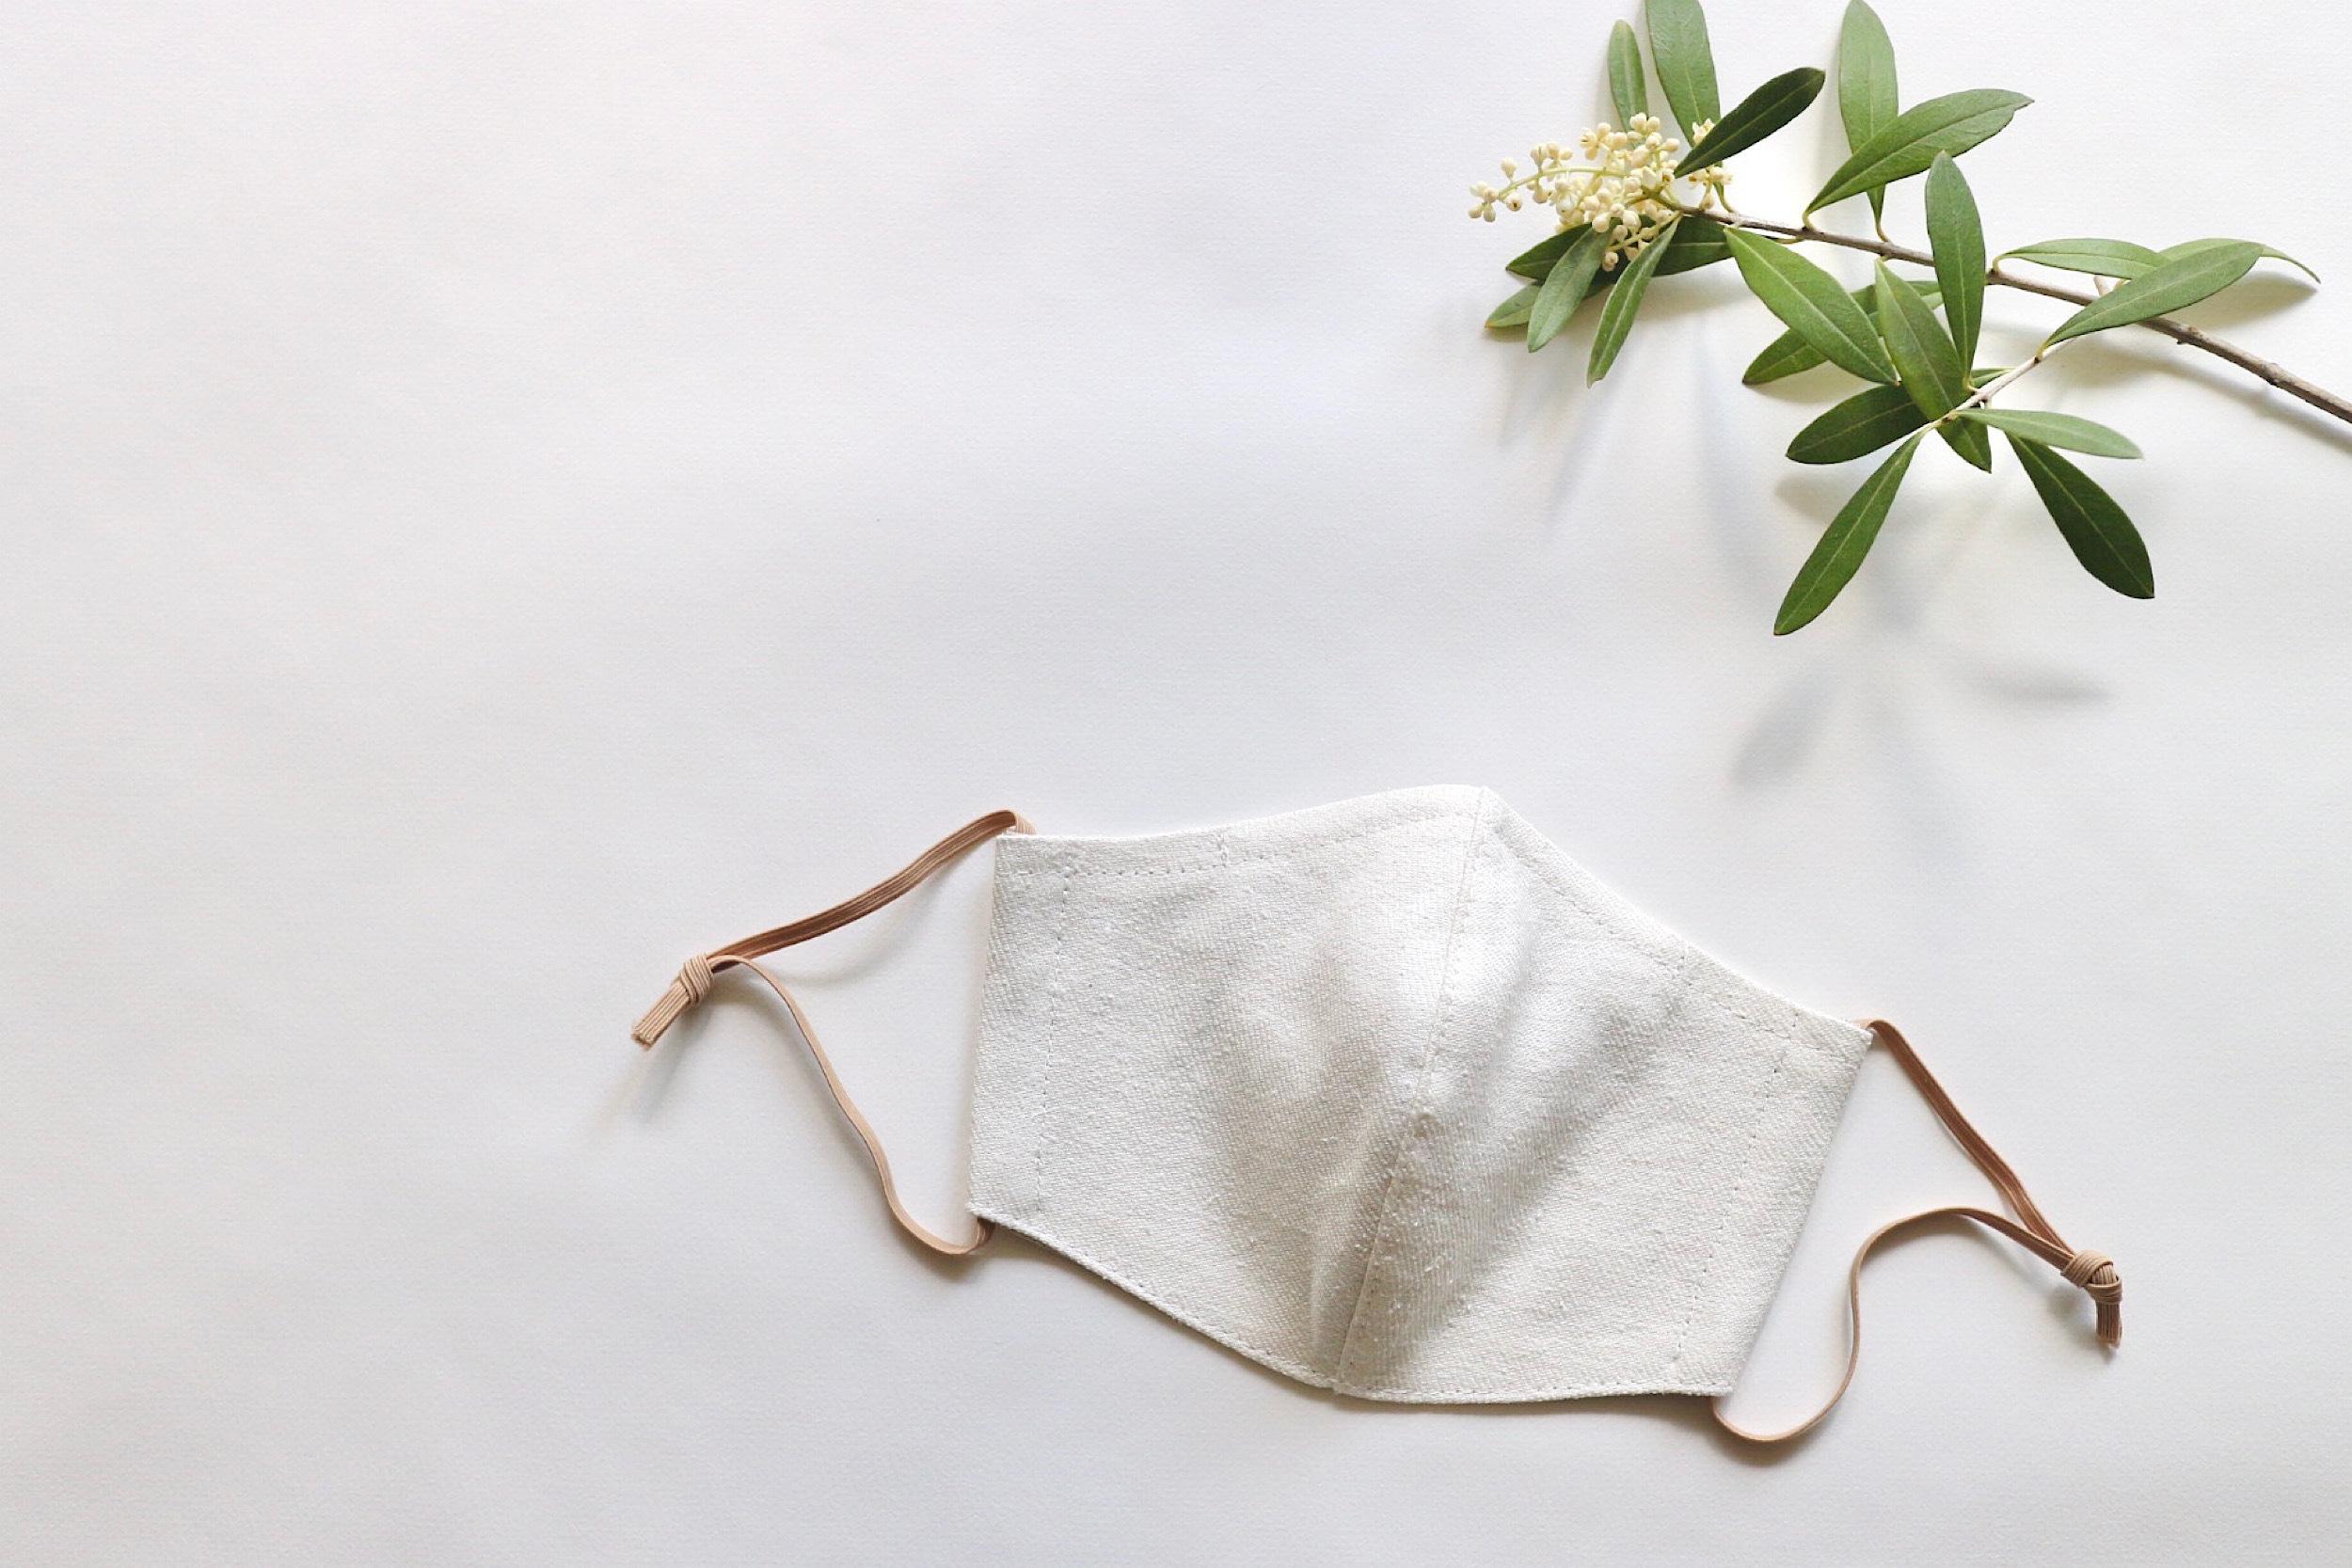 【夏マスクに!】リネンのカラーマスク(リバーシブル) シルクリネンオフホワイト × ベージュ(生成) 1枚 【Mサイズ 女性用】